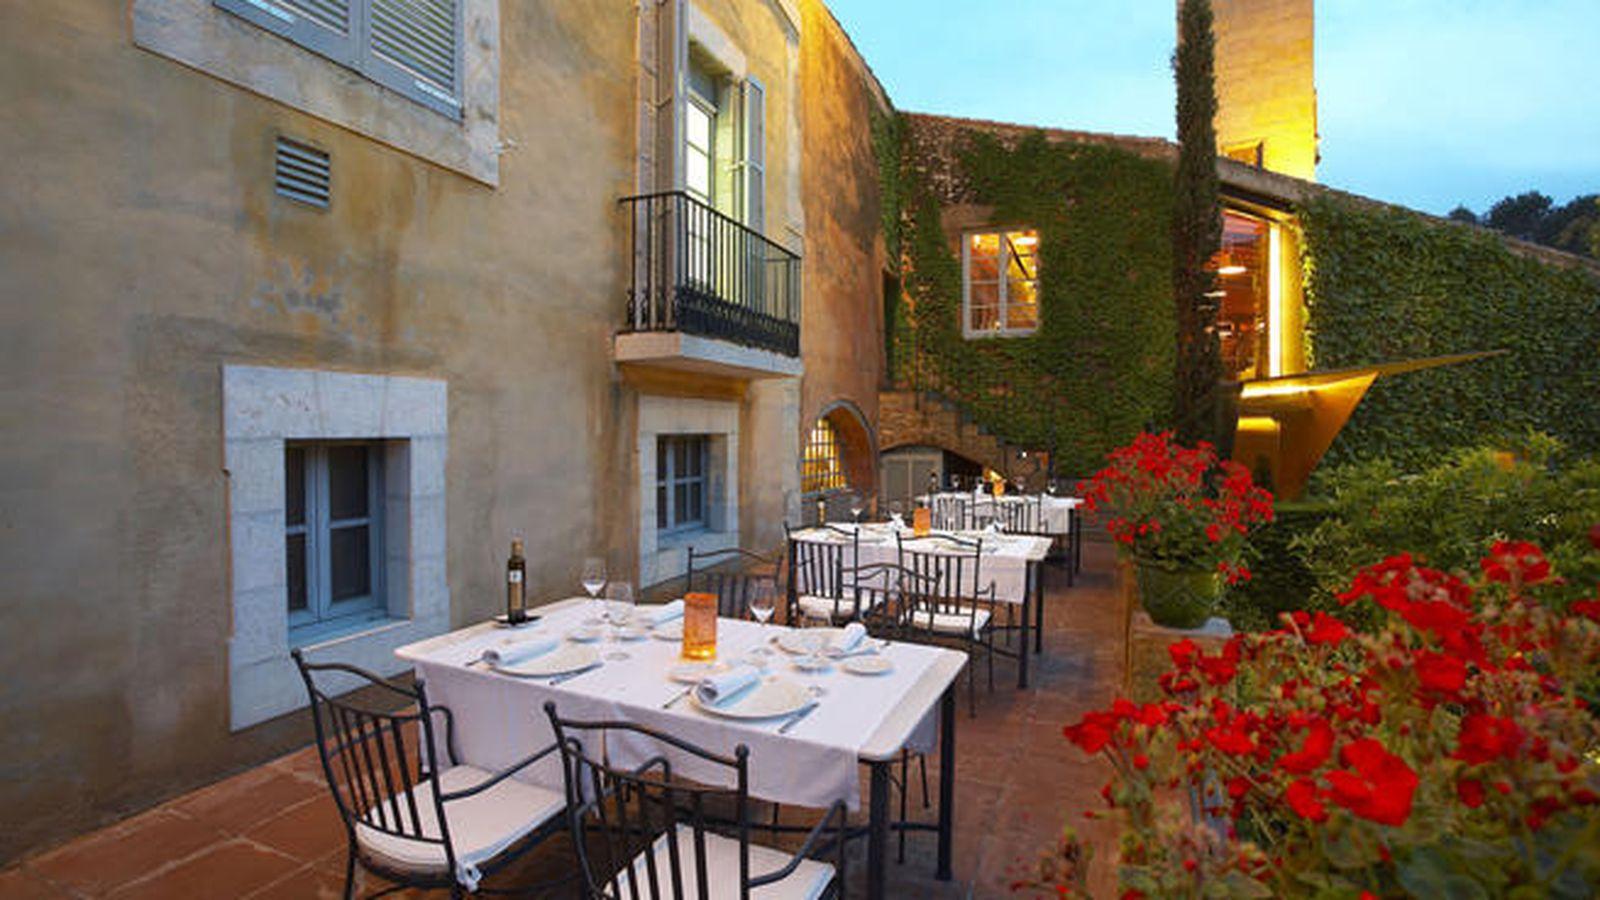 Foto: Este restaurante está en el jardín del hotel La Boella, en Tarragona